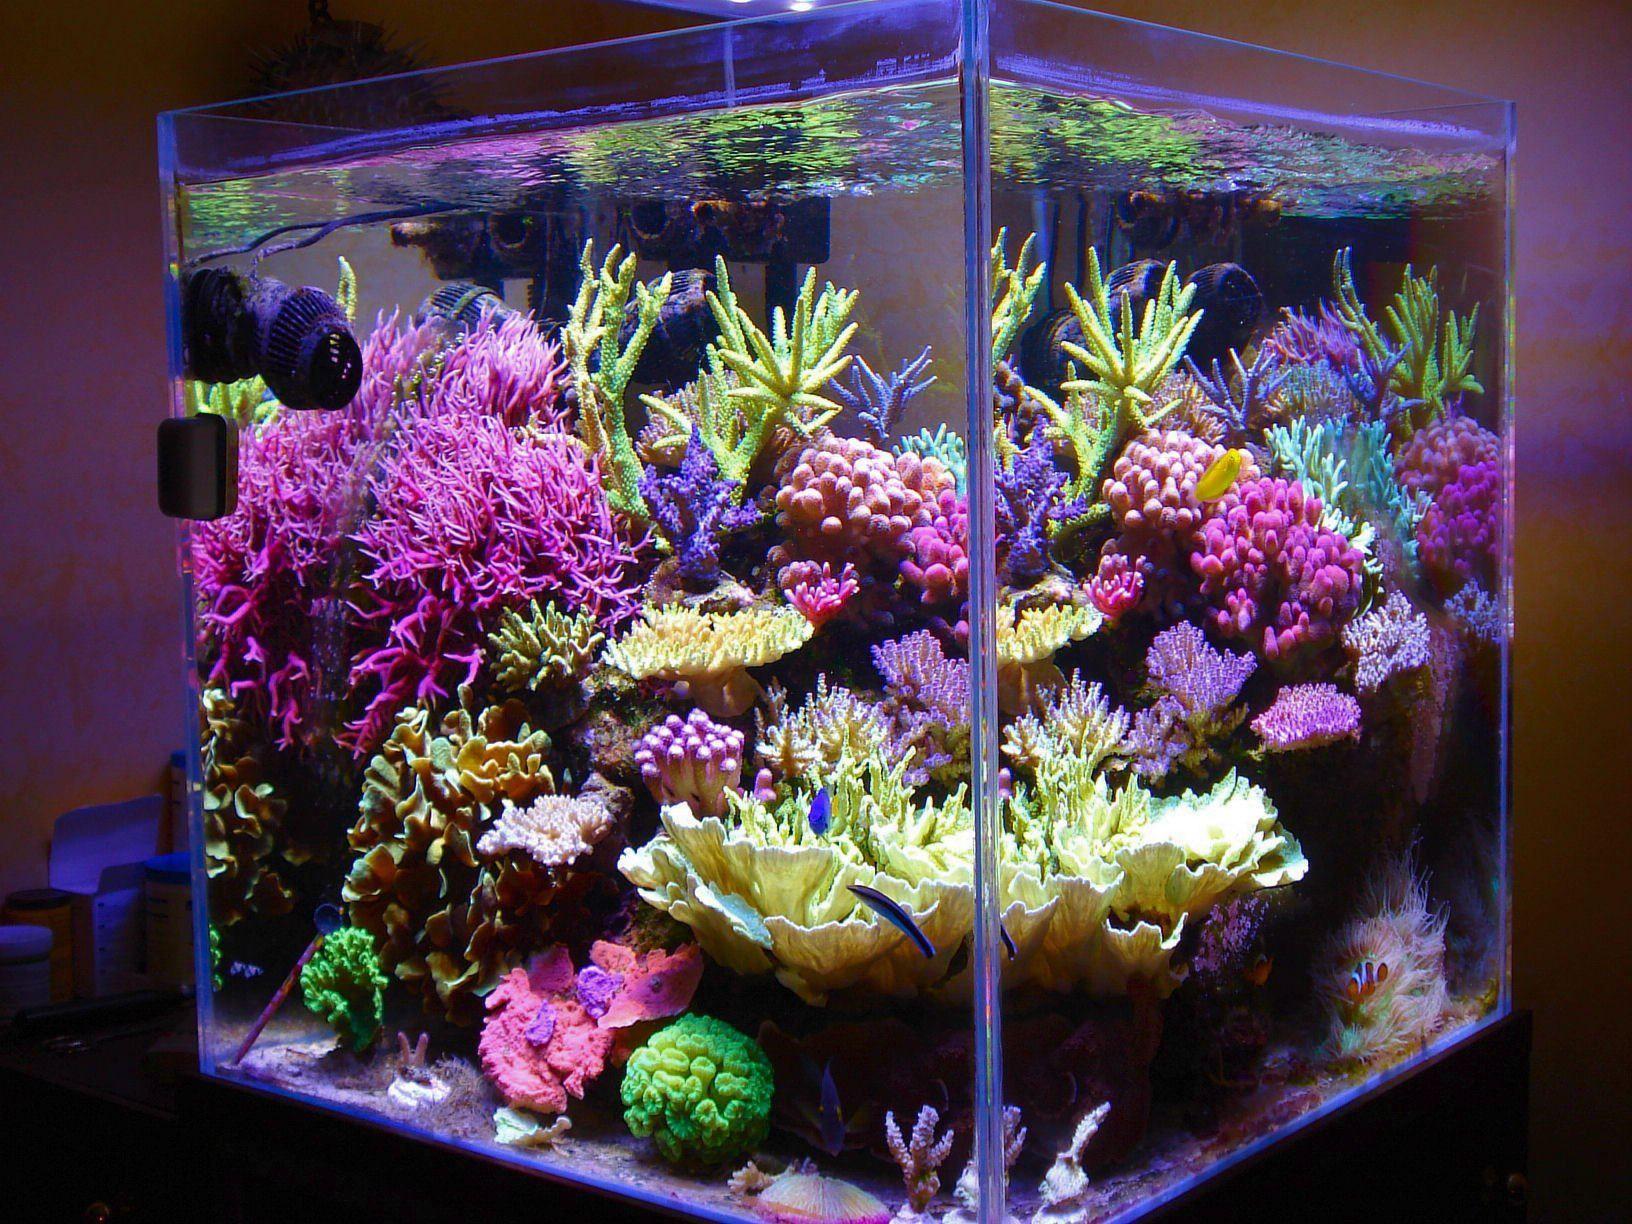 8498d9f46a1300c855f15166cd3e373e Frais De Aquarium Recifal Complet Concept